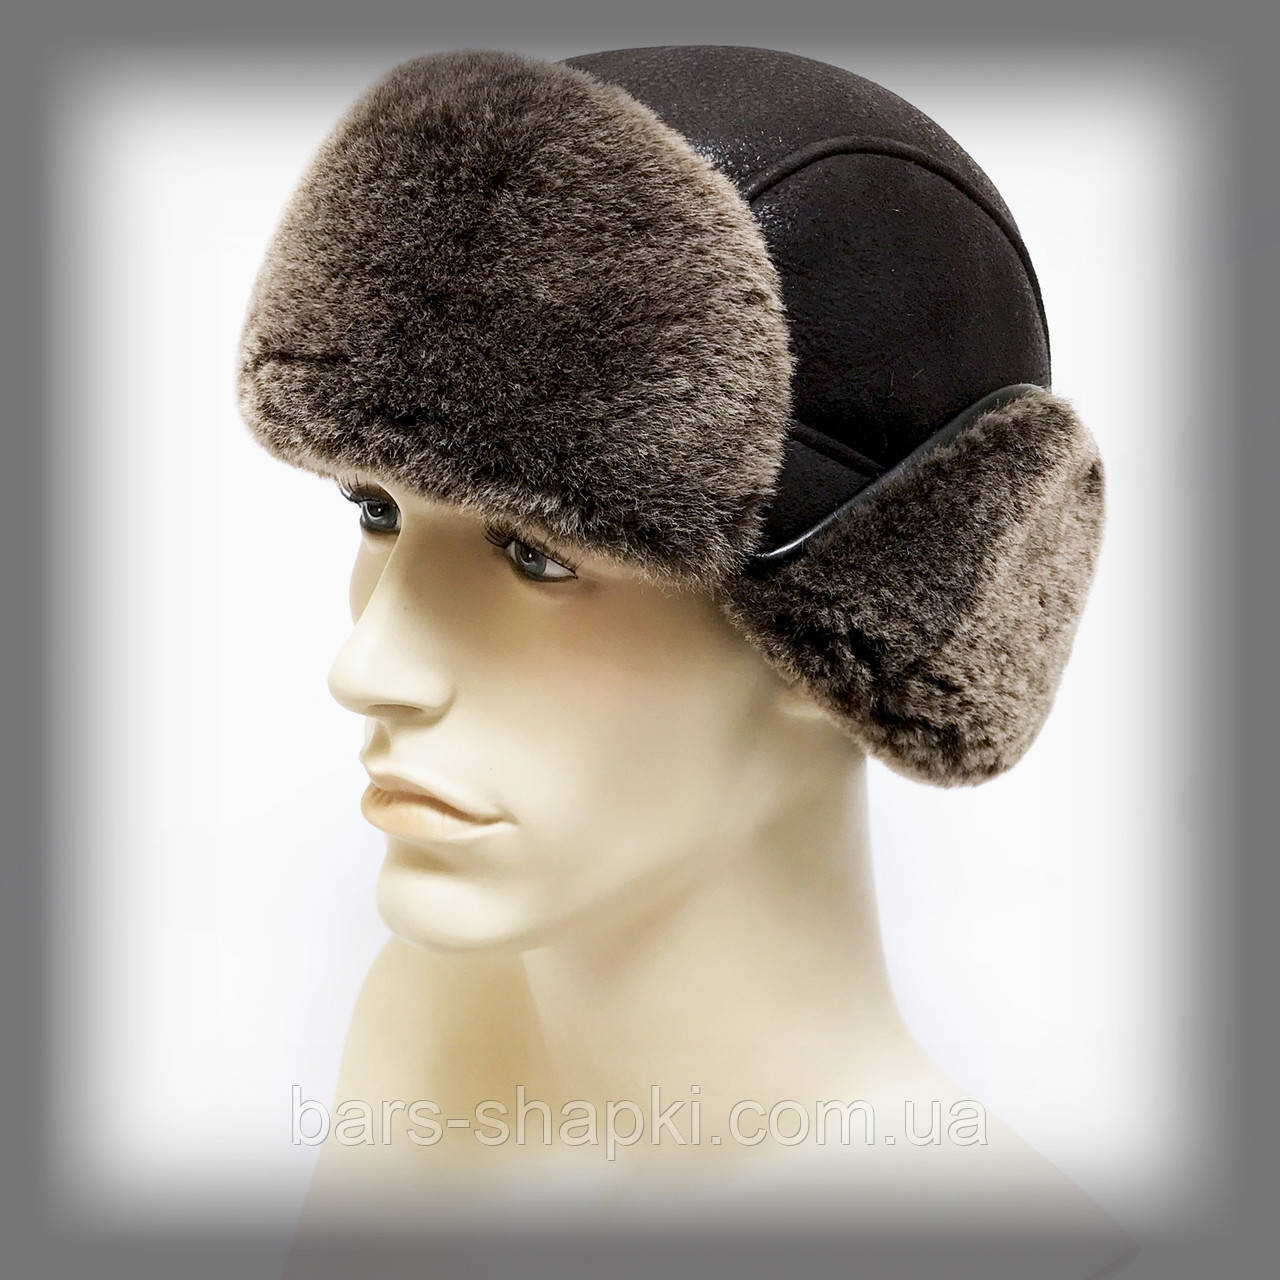 """Мужская шапка из овчины """"Кортоткие уши"""" (коричневая)"""